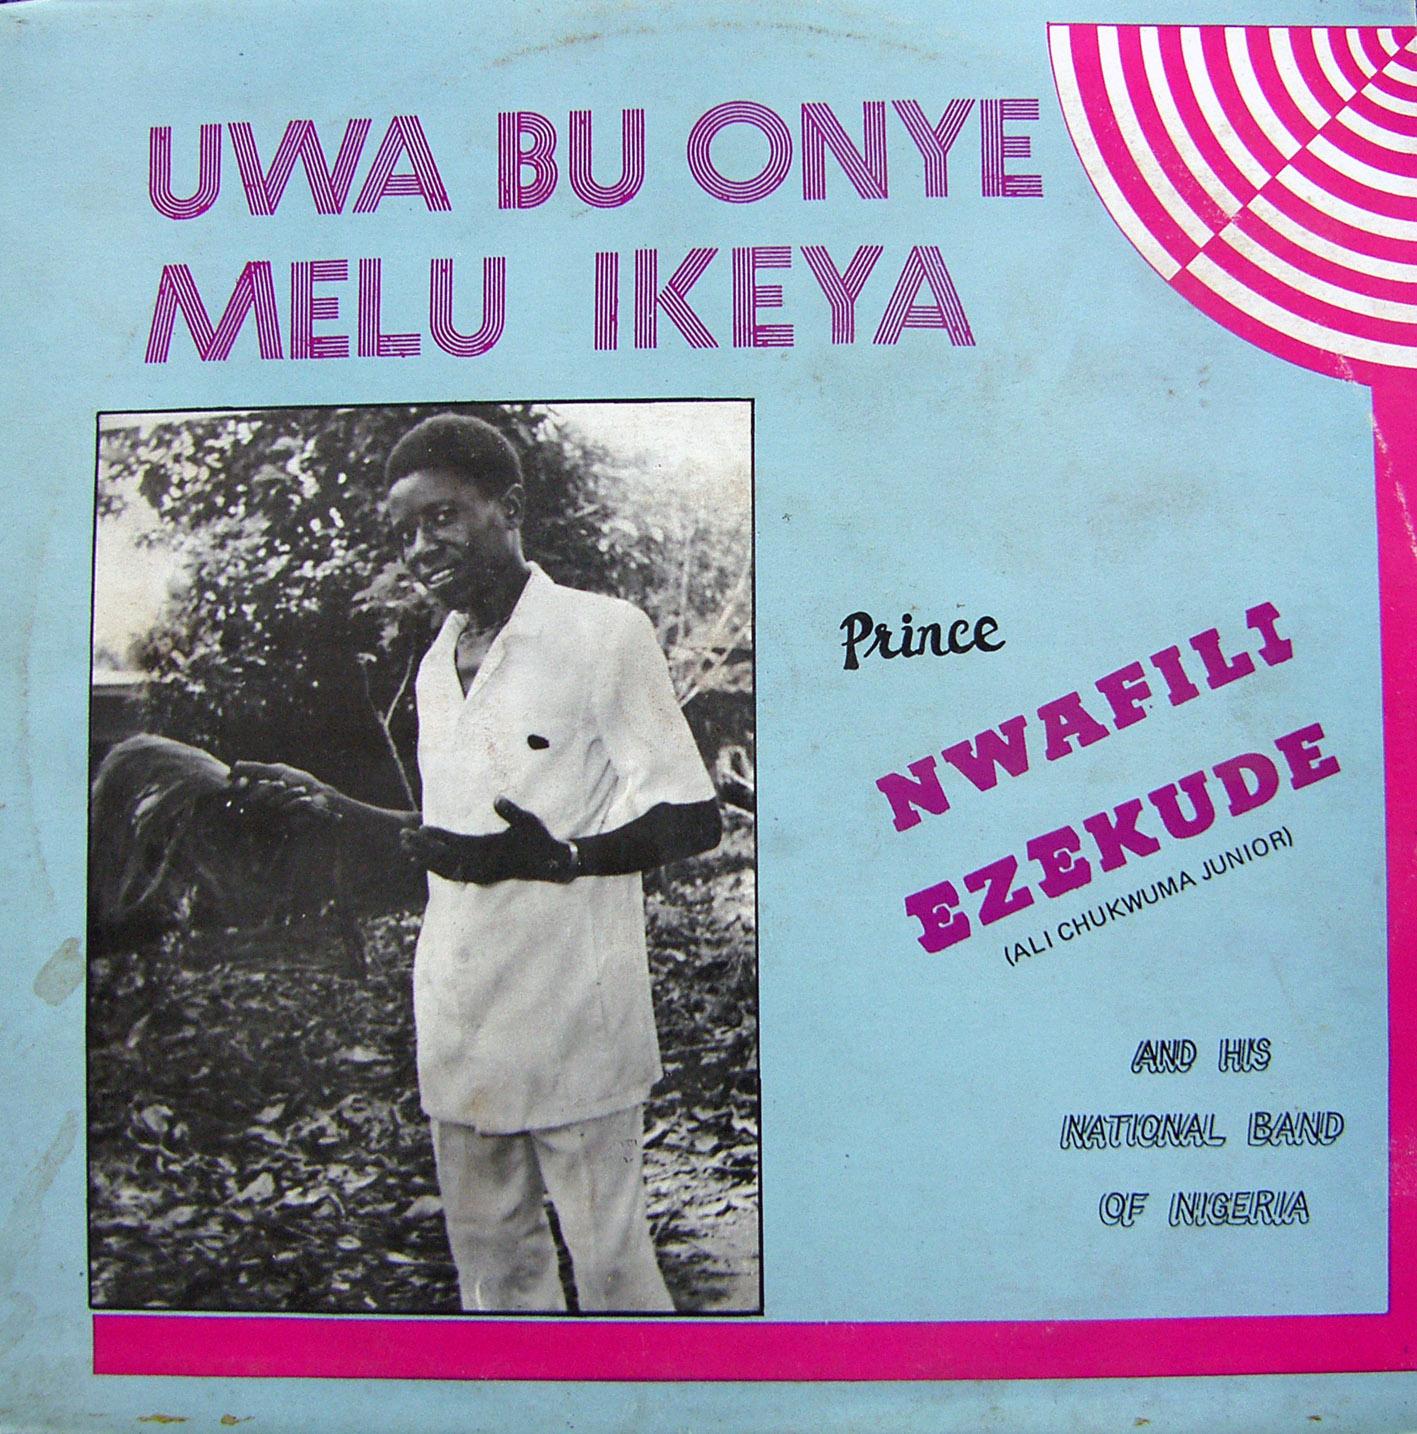 Prince Nwafili Ezekude (Ali Chukwuma Junior) And His National Band Of Nigeria – Uwa Bu Onye Melu Ikeya 70s NIGERIAN Igbo Highlife Music ALBUM LP